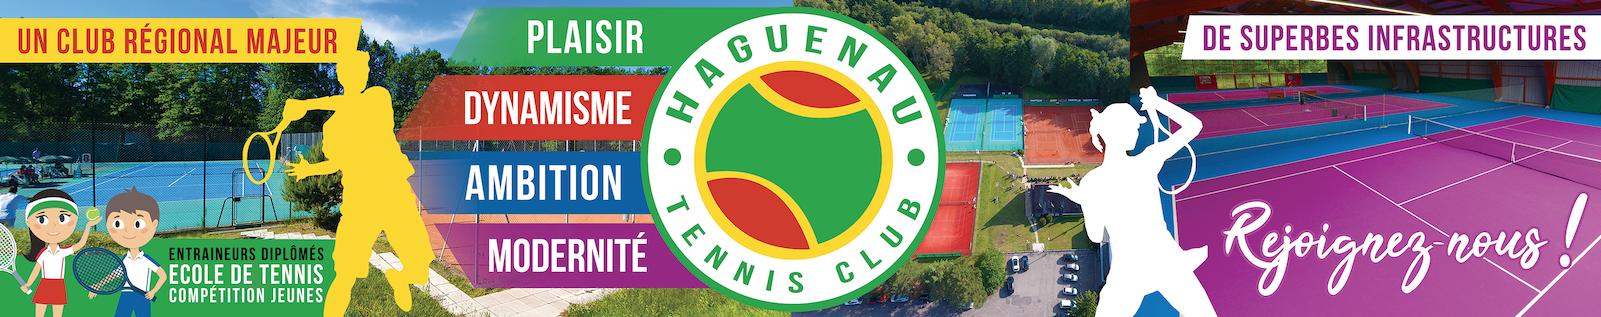 Bache Tennis Club Haguenau